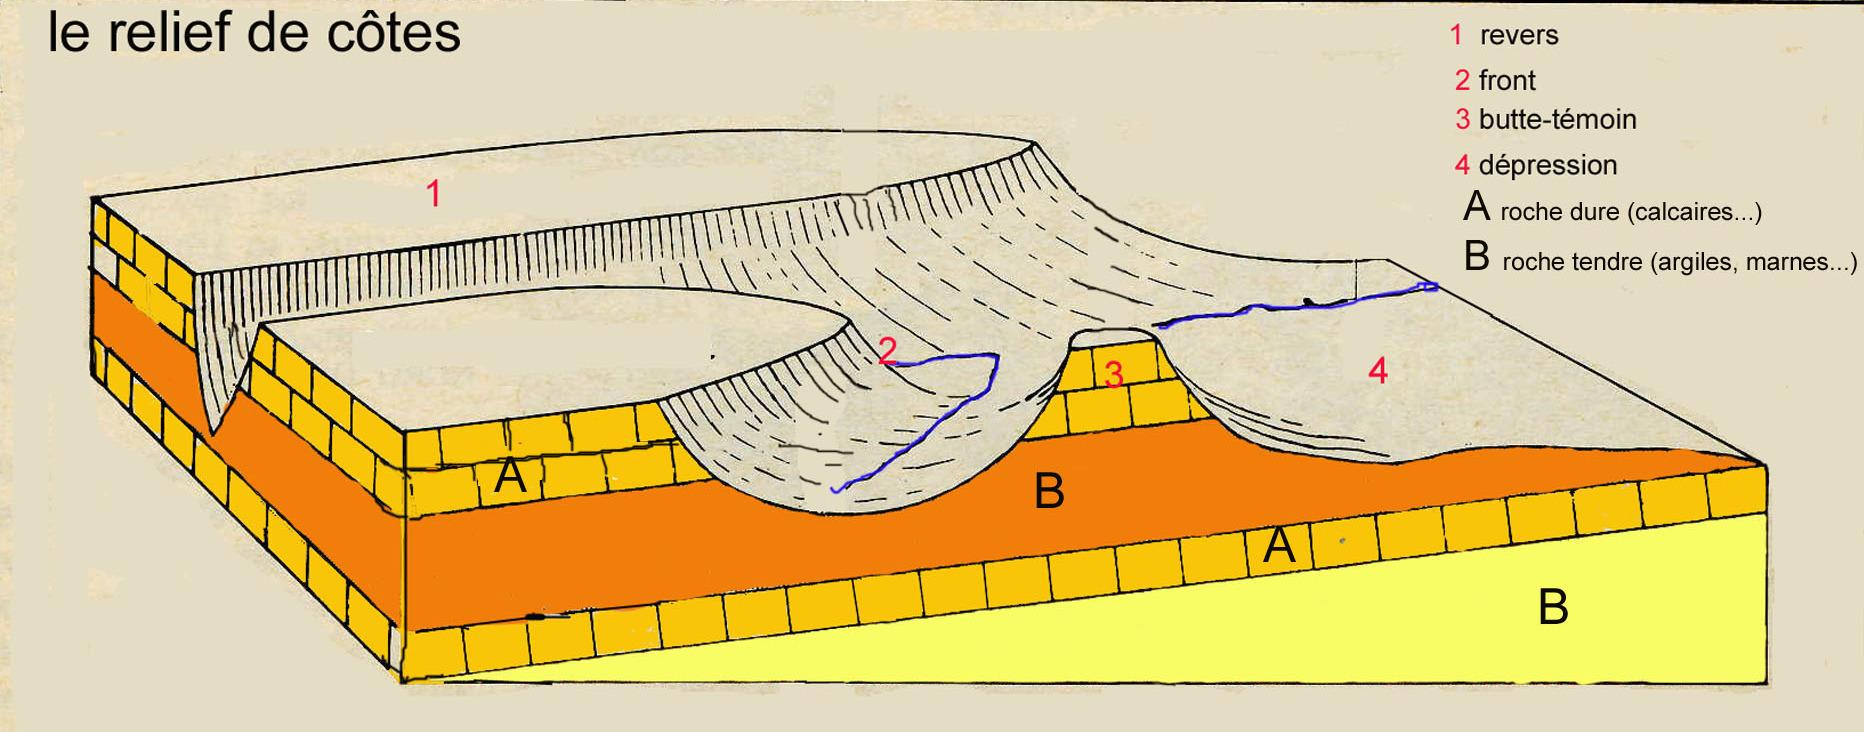 Relief de côtes